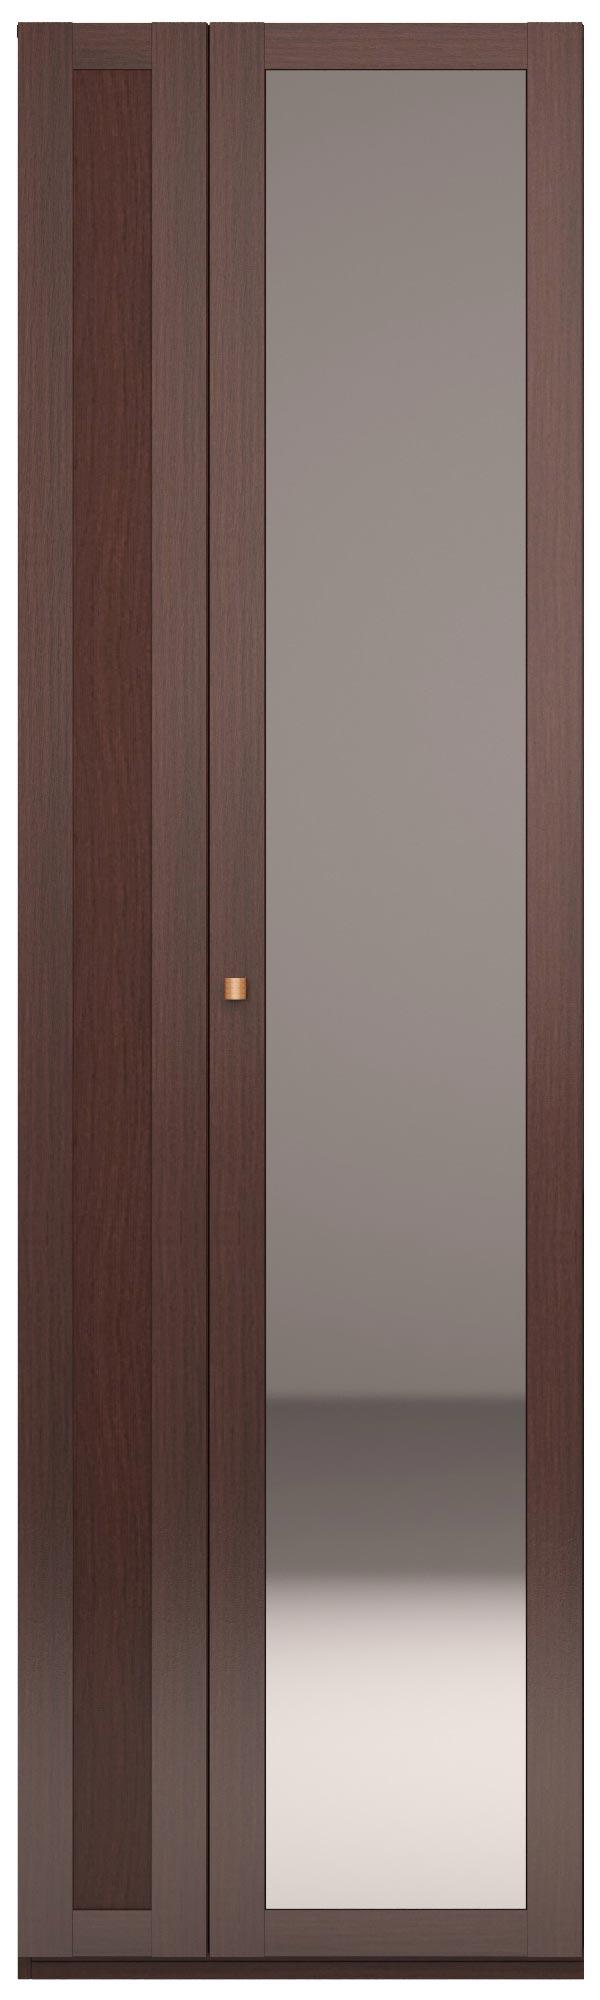 Шкаф для одежды (с зеркалом) Ижмебель Скандинавия, арт. 44